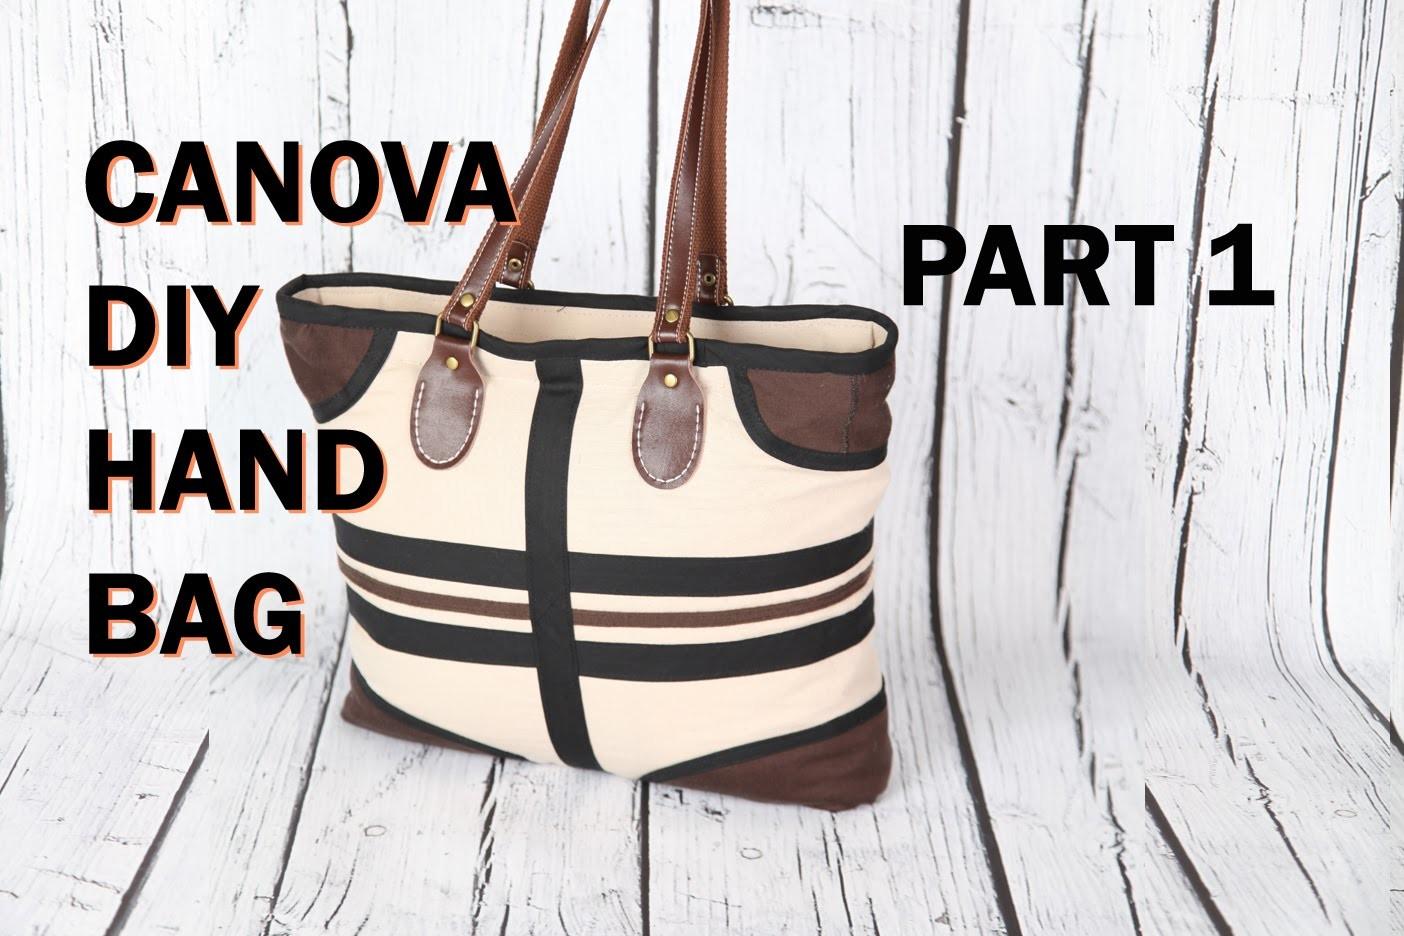 Canova 1, boat top zip, Pockets, leather handle. DIY Bag Vol 24A